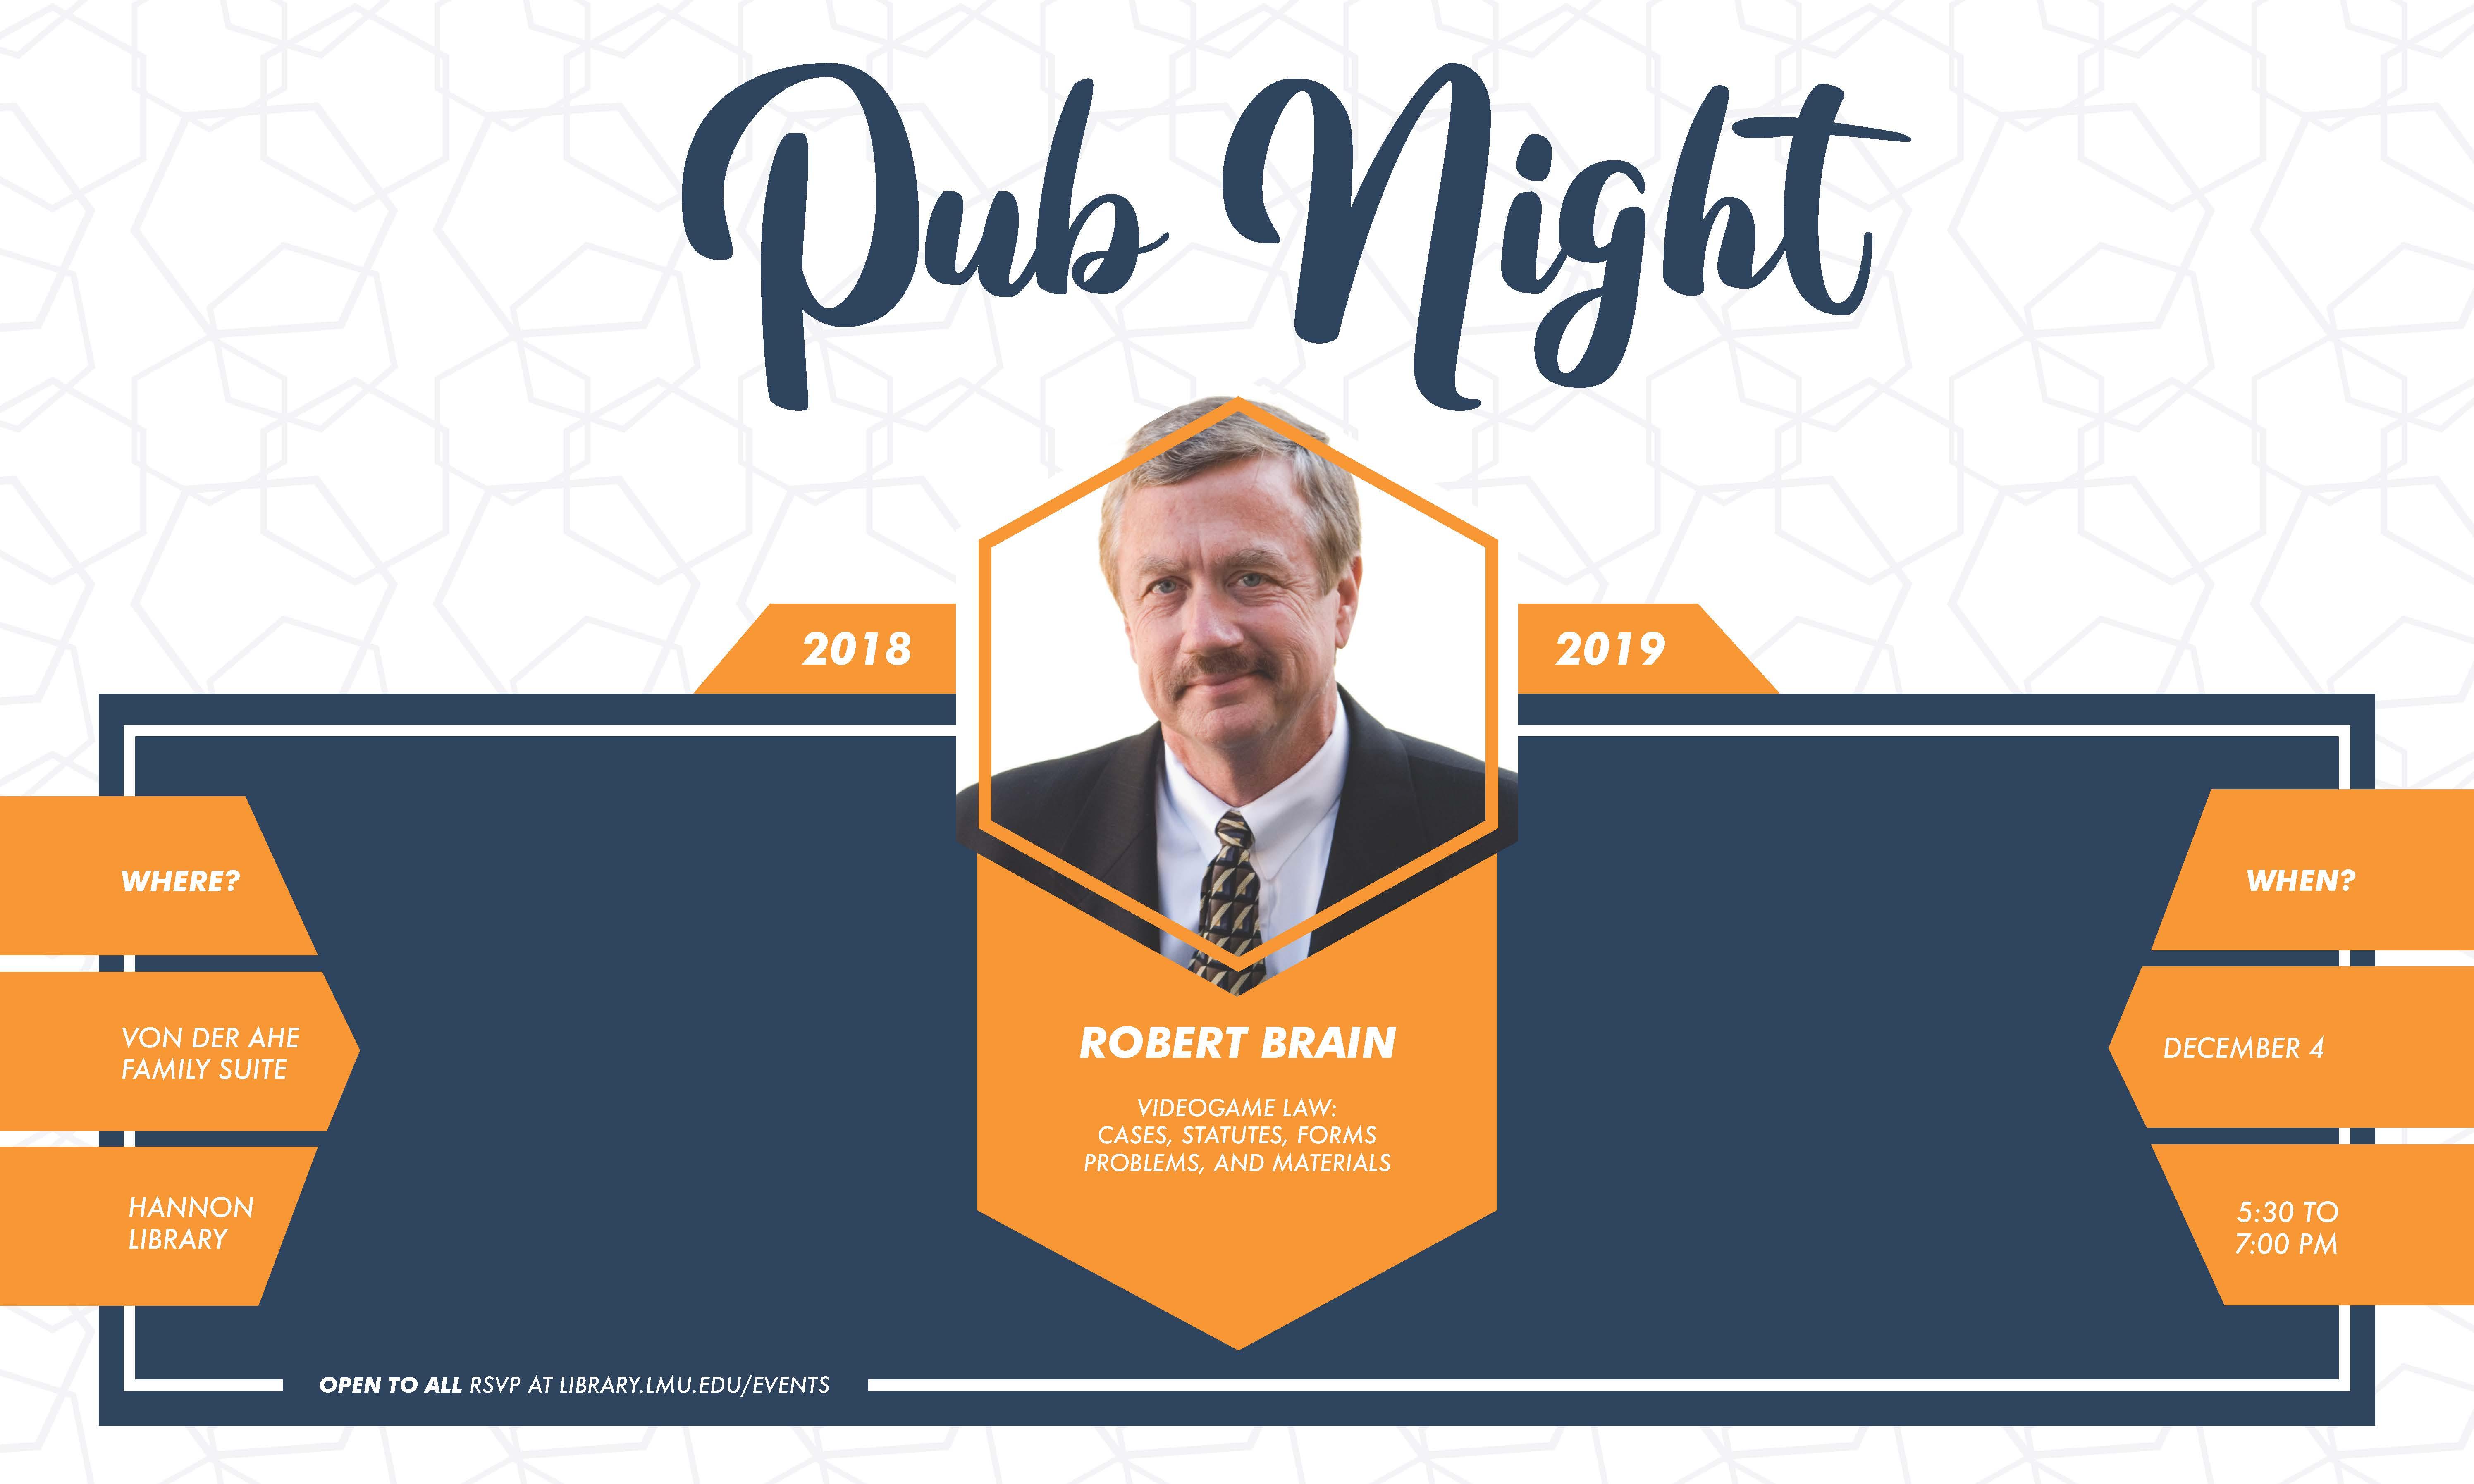 Brain Pub Night promo